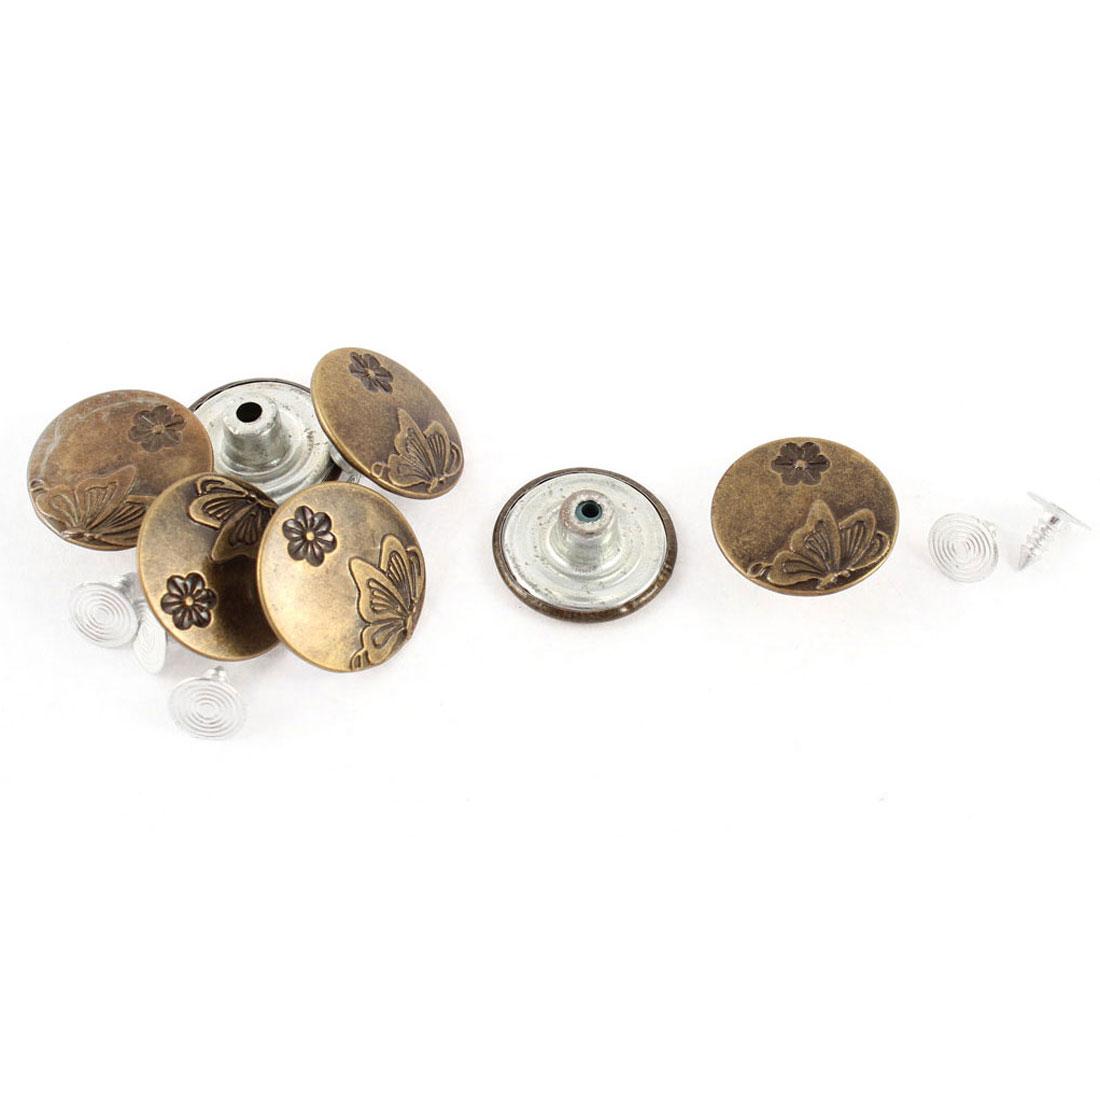 7 Pcs Copper Tone Butterfly Flower Pattern Jacket Jean Buttons 20 x 8mm w Tacks